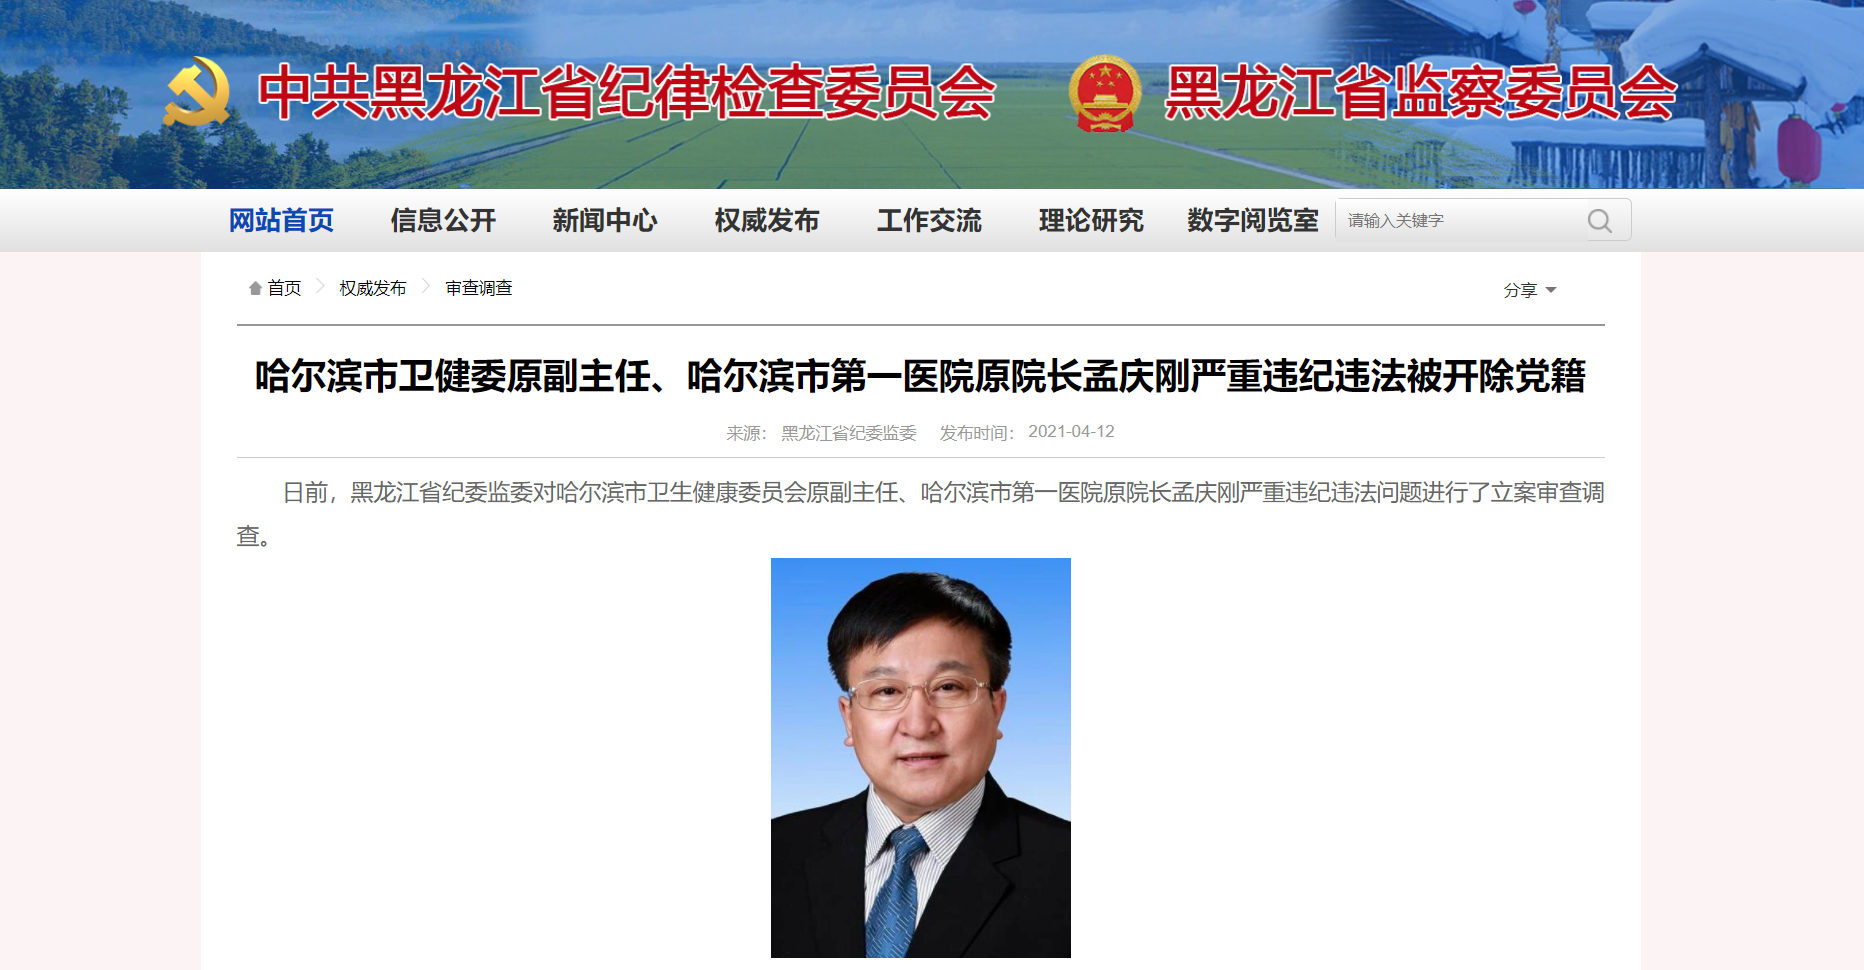 哈尔滨市第一医院原院长孟庆刚被开除党籍(附简历)